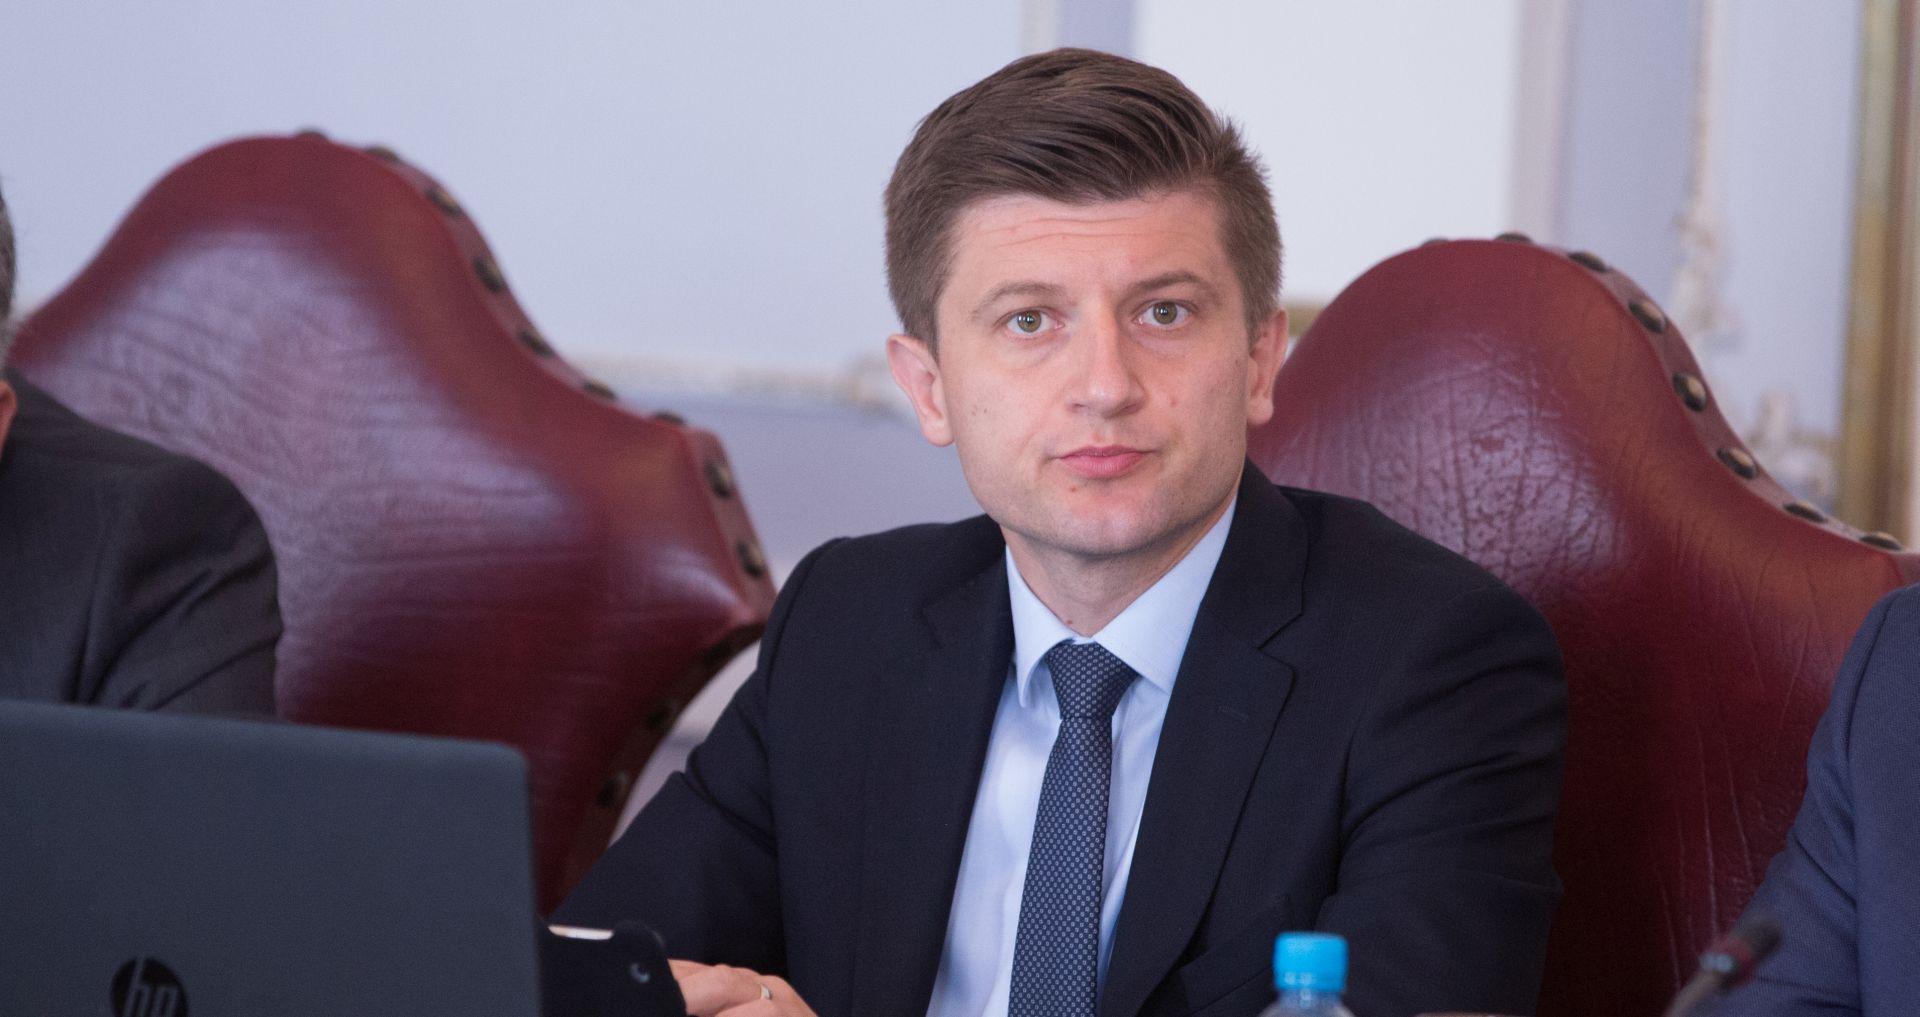 Prizmić za petak najavio sastanak s ministrom financija Marićem oko financiranja HGSS-a